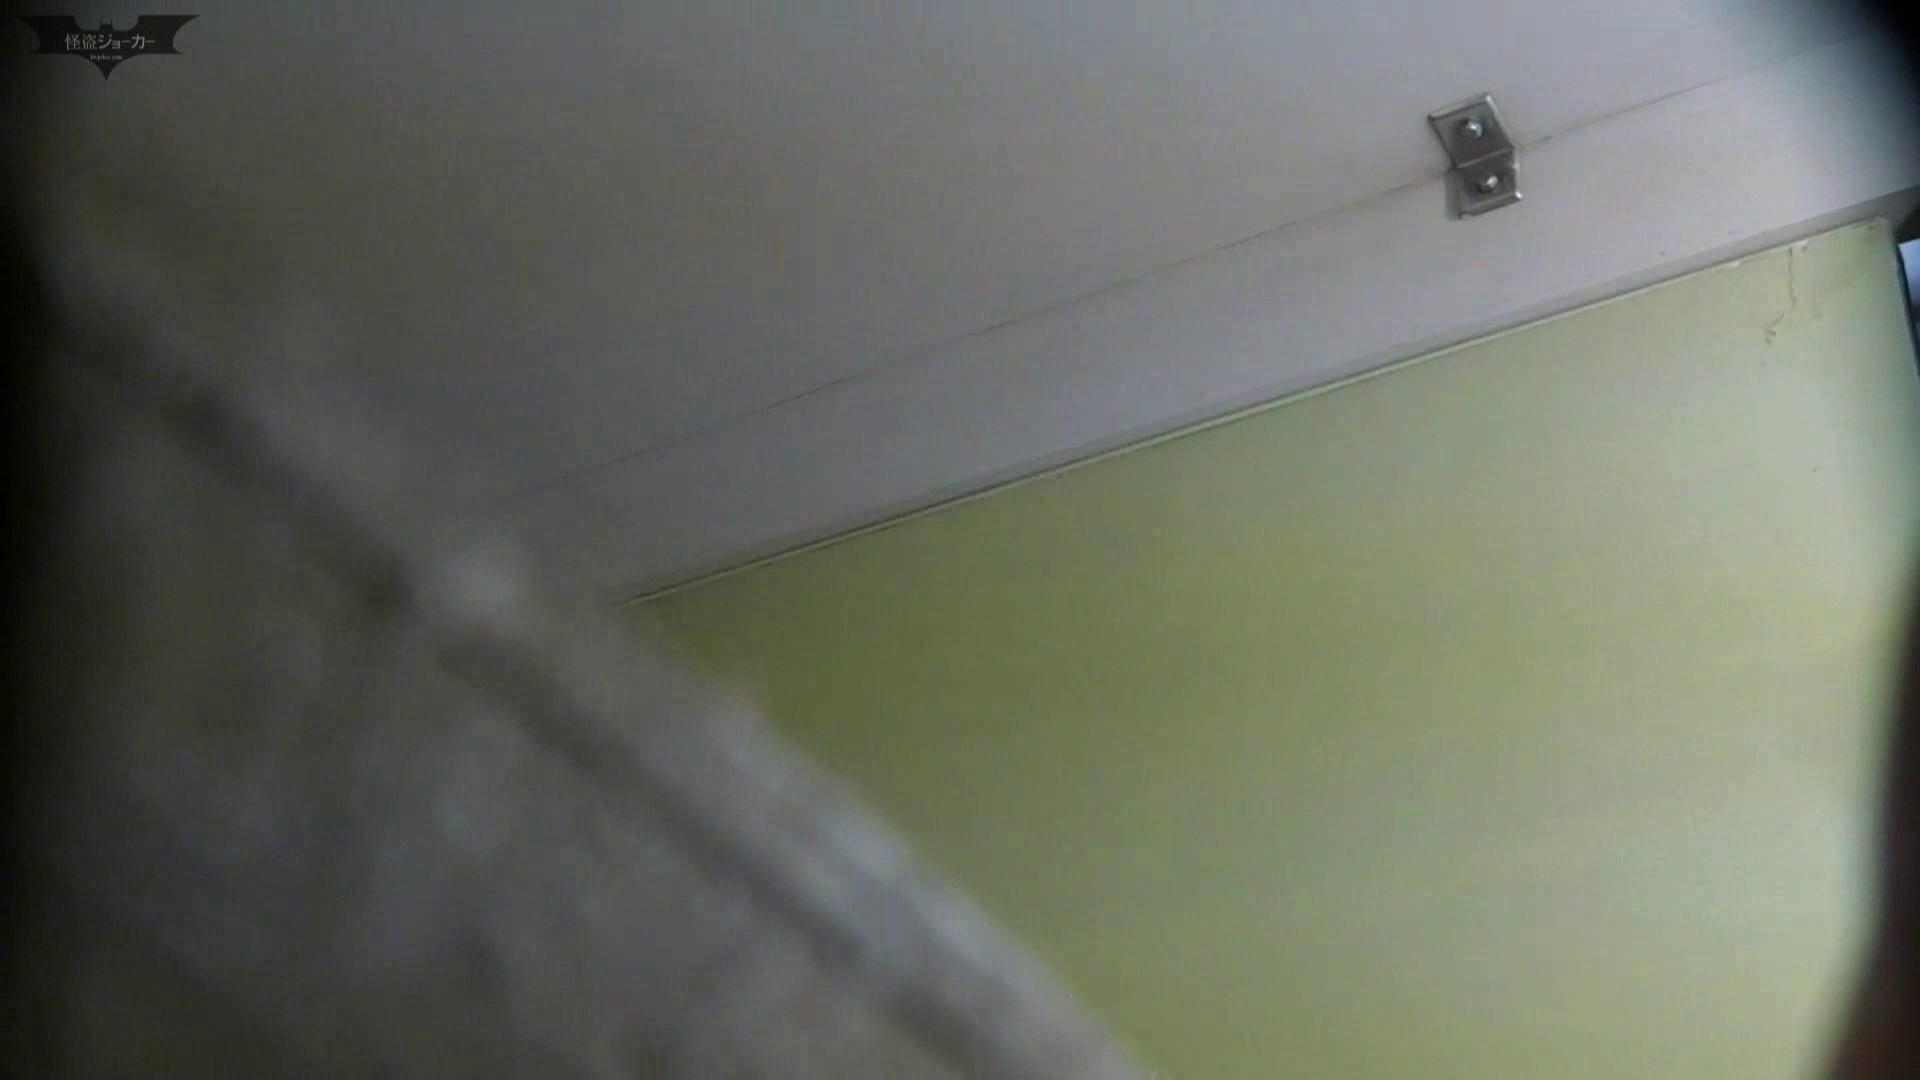 【潜入トイレ盗撮】洗面所特攻隊 vol.70 極上品の連続、歌いながら美女入室 盗撮エロすぎ | トイレ中  90連発 67